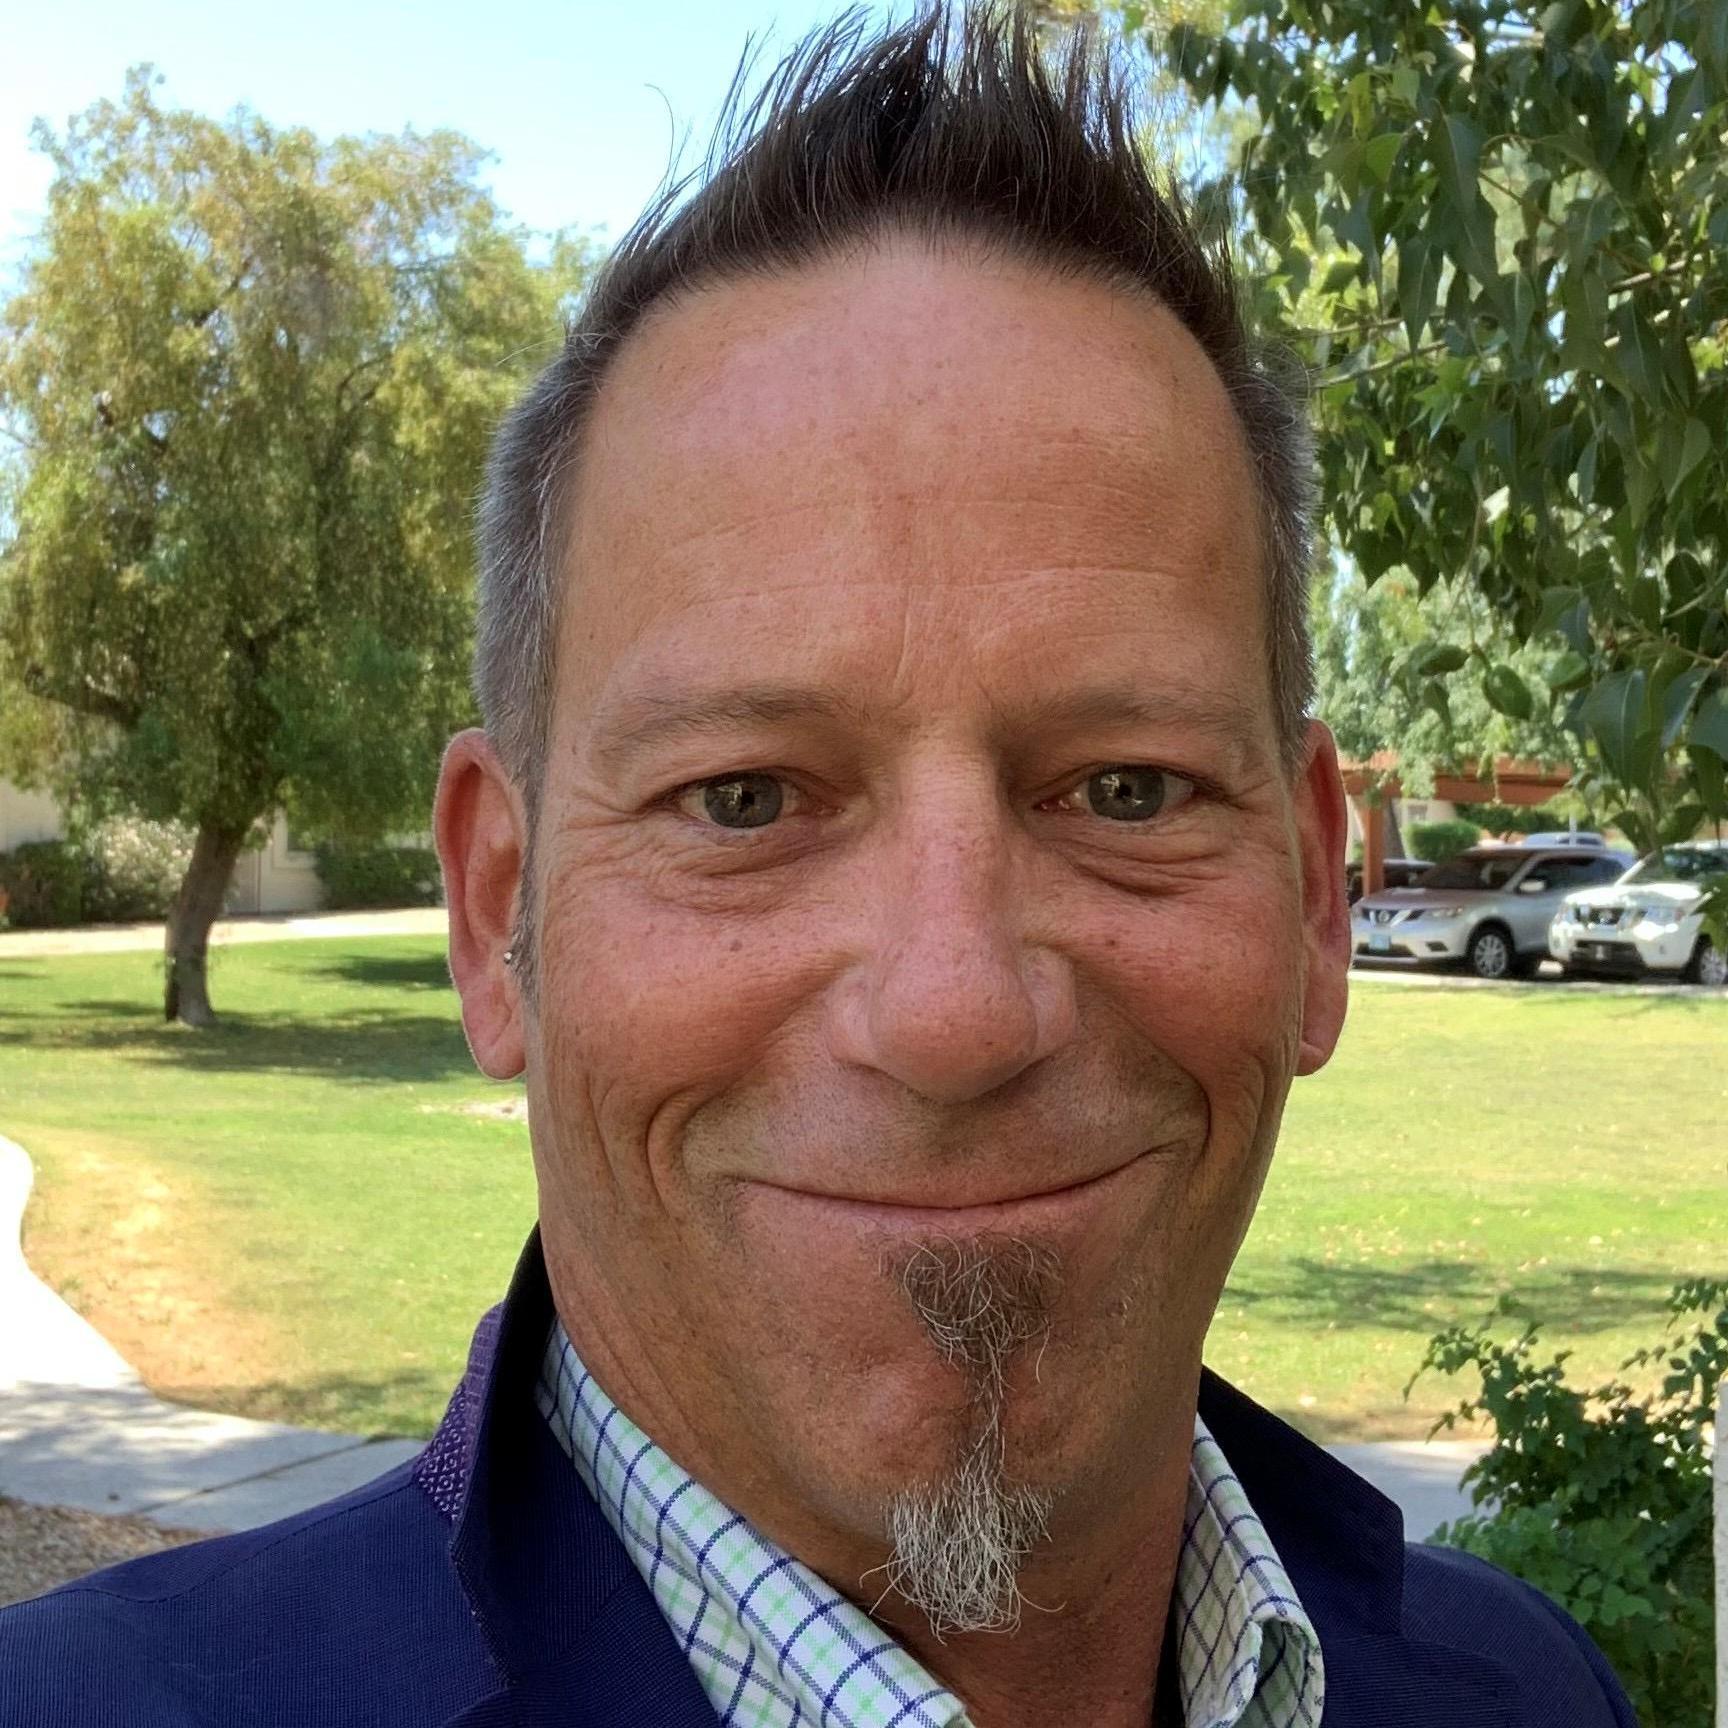 Mr. E's Profile Photo